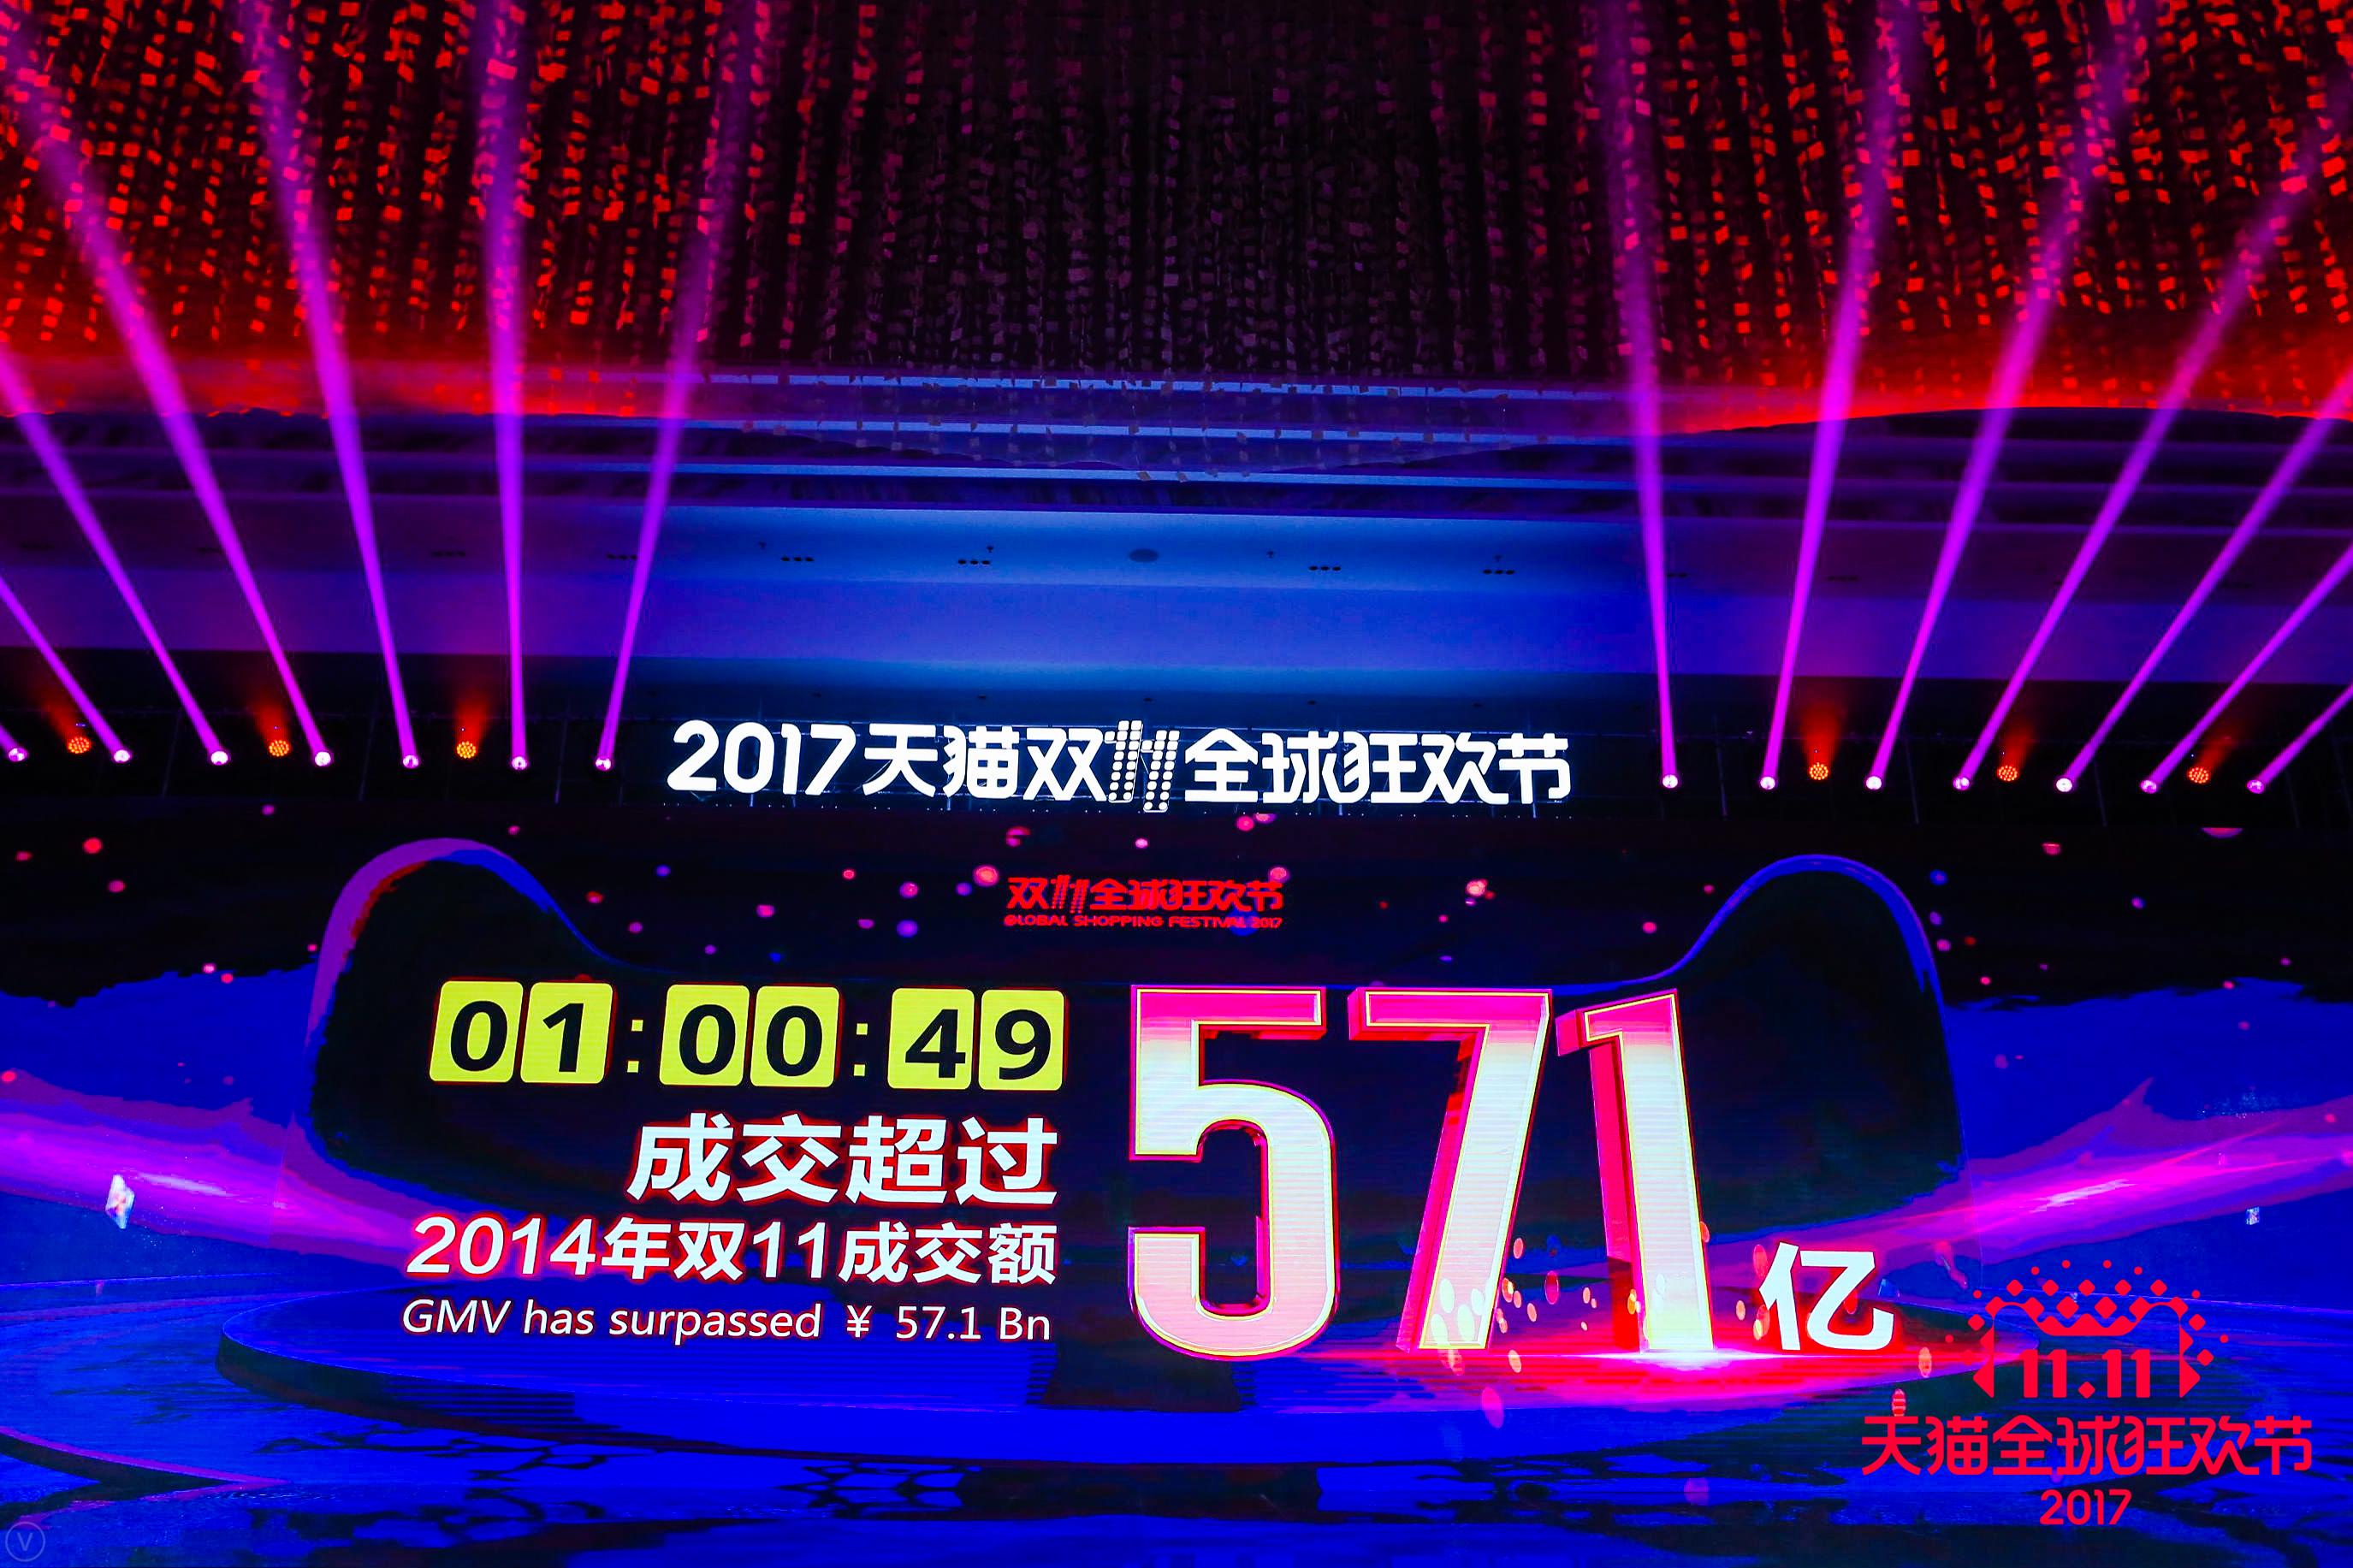 天猫双11开场一小时 62家品牌首批加入亿元俱乐部